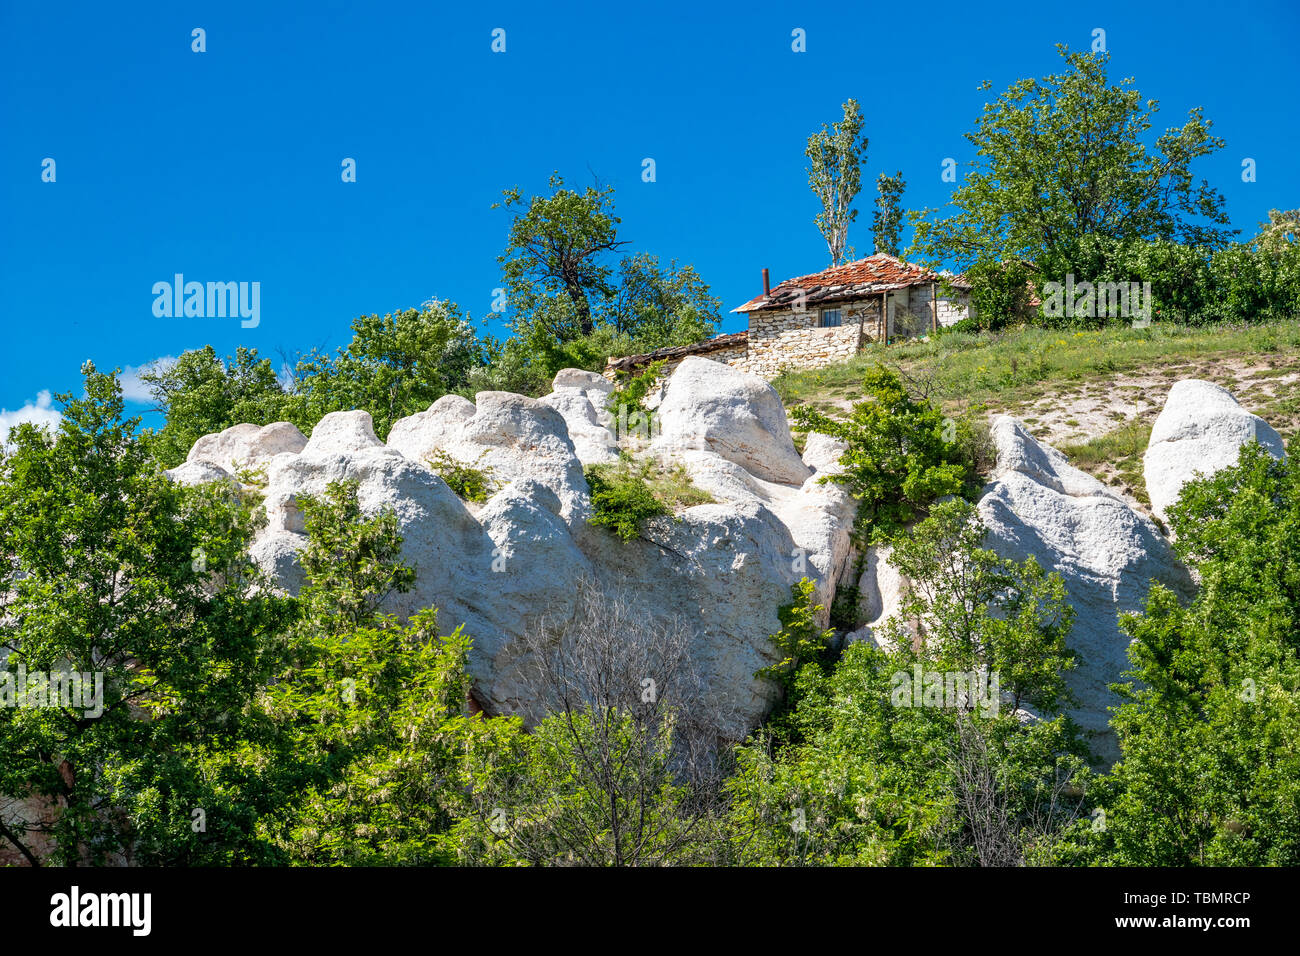 Altes Haus über die Felsen des natürlichen Phänomen Kamenná Svatba oder die Steinerne Hochzeit in der Nähe des Dorfes Zimzelen, Bulgarien Stockbild